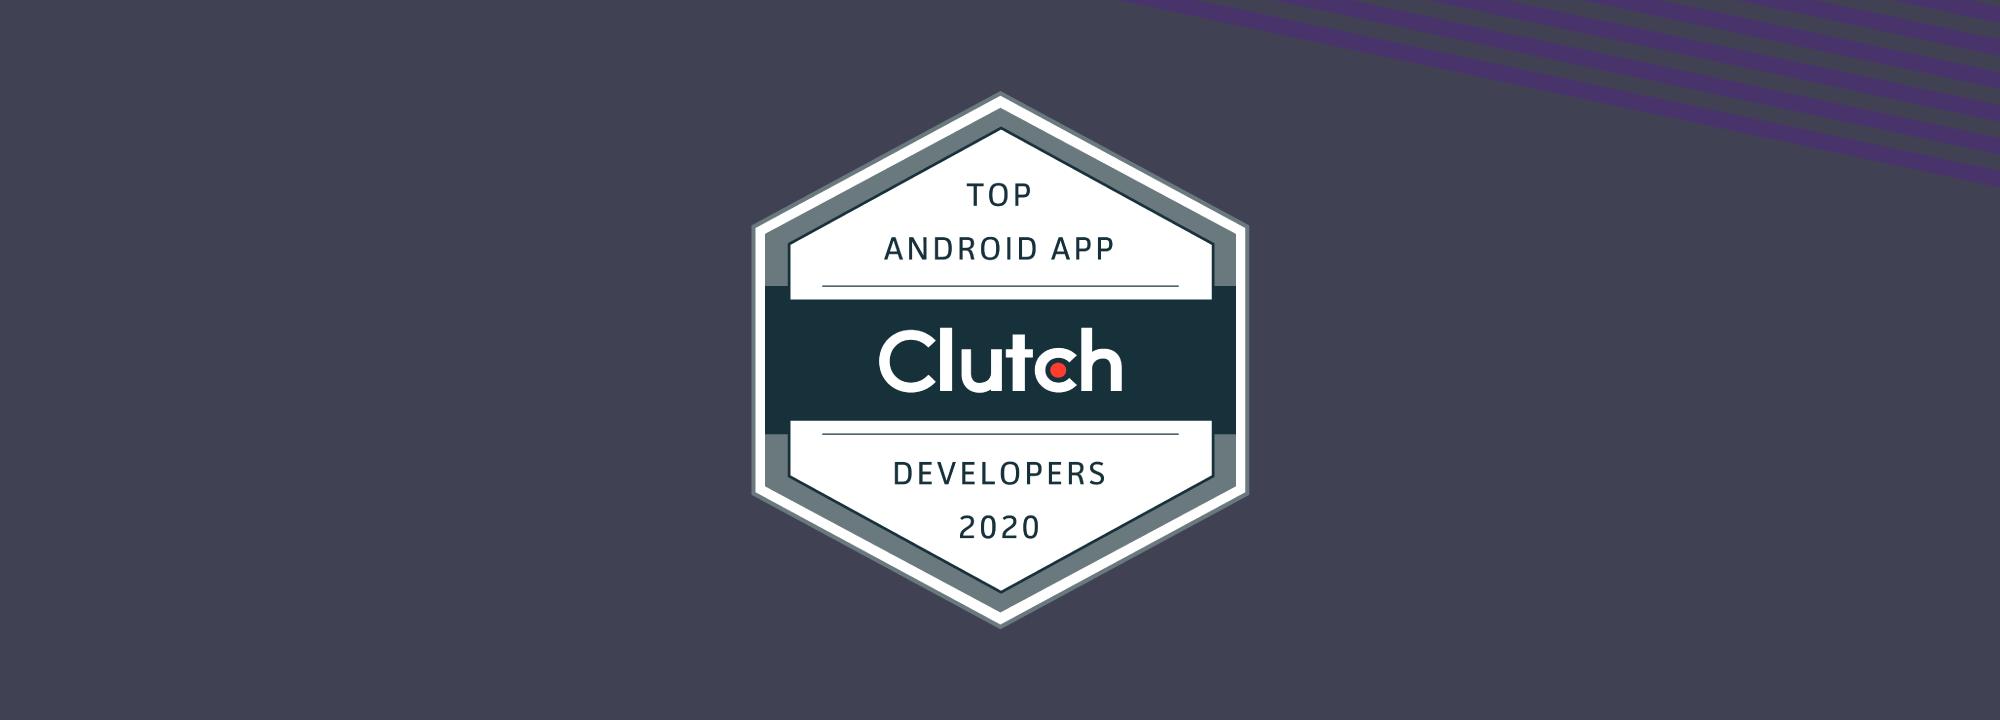 Cheesecake Labs eleita a 6ª melhor empresa de Desenvolvimento Android do mundo